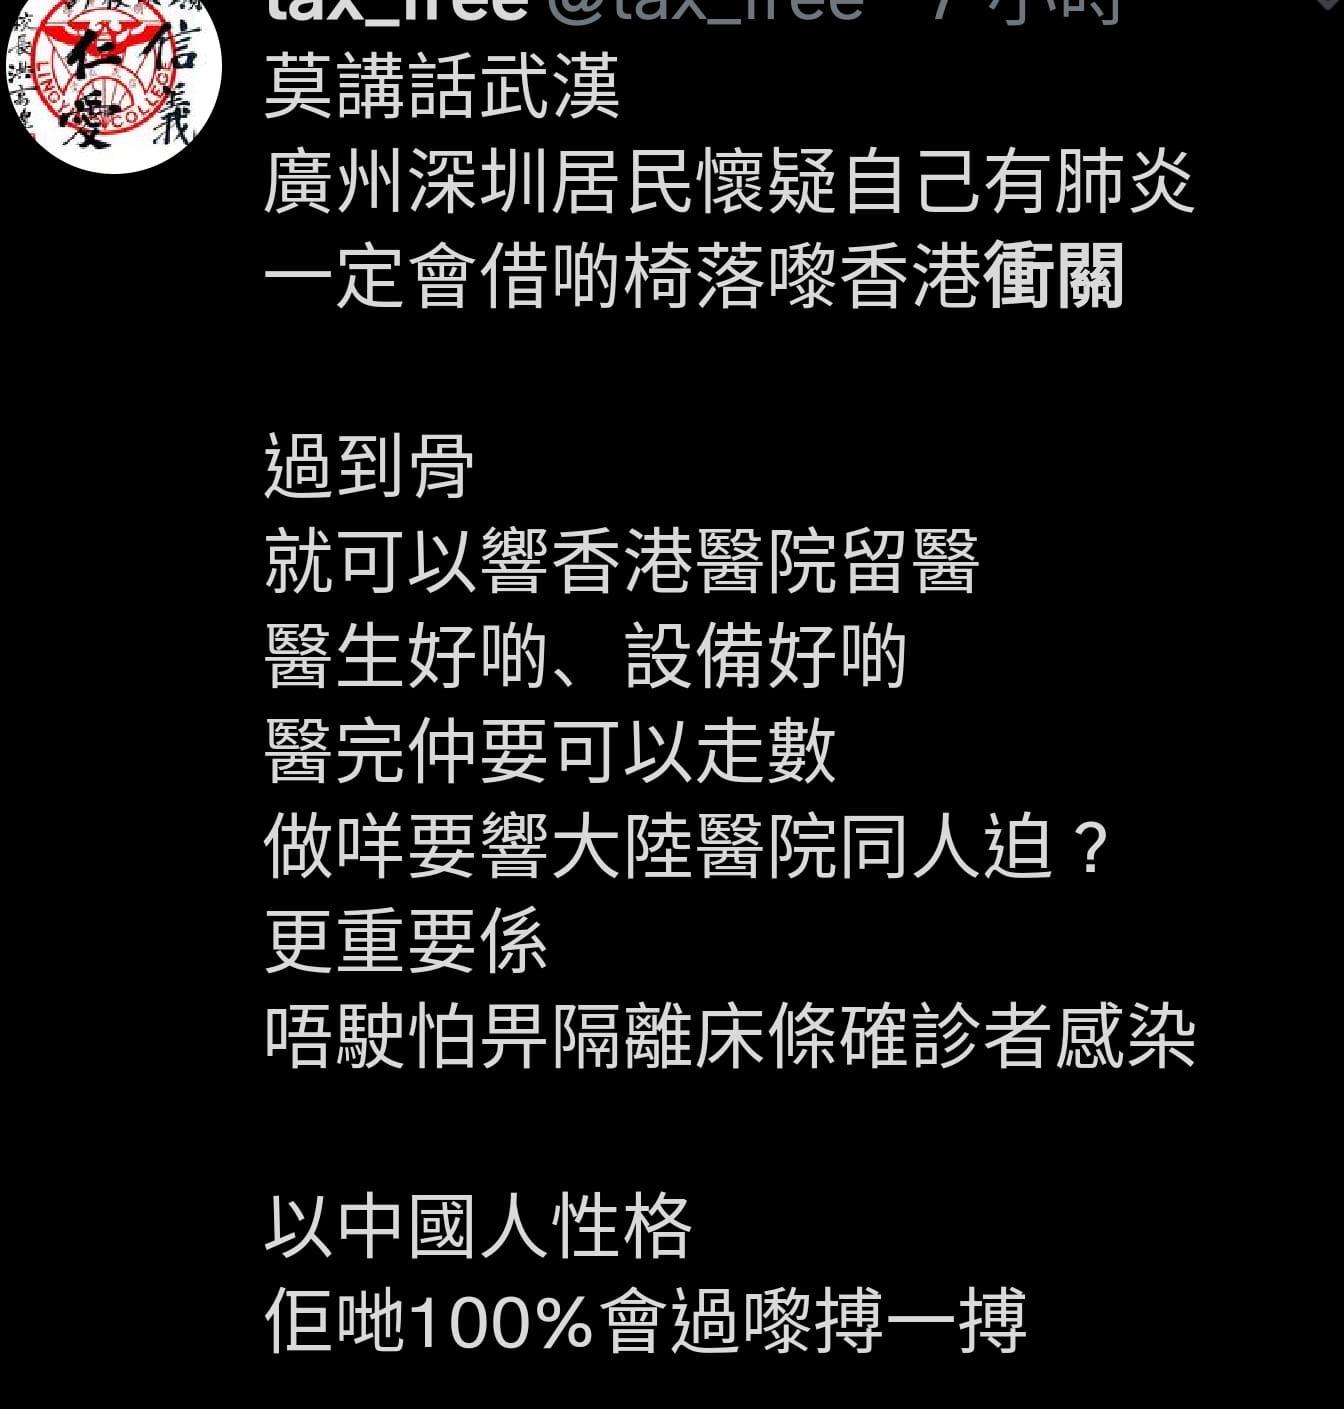 https://upload.cc/i1/2020/01/22/9e7xuS.png